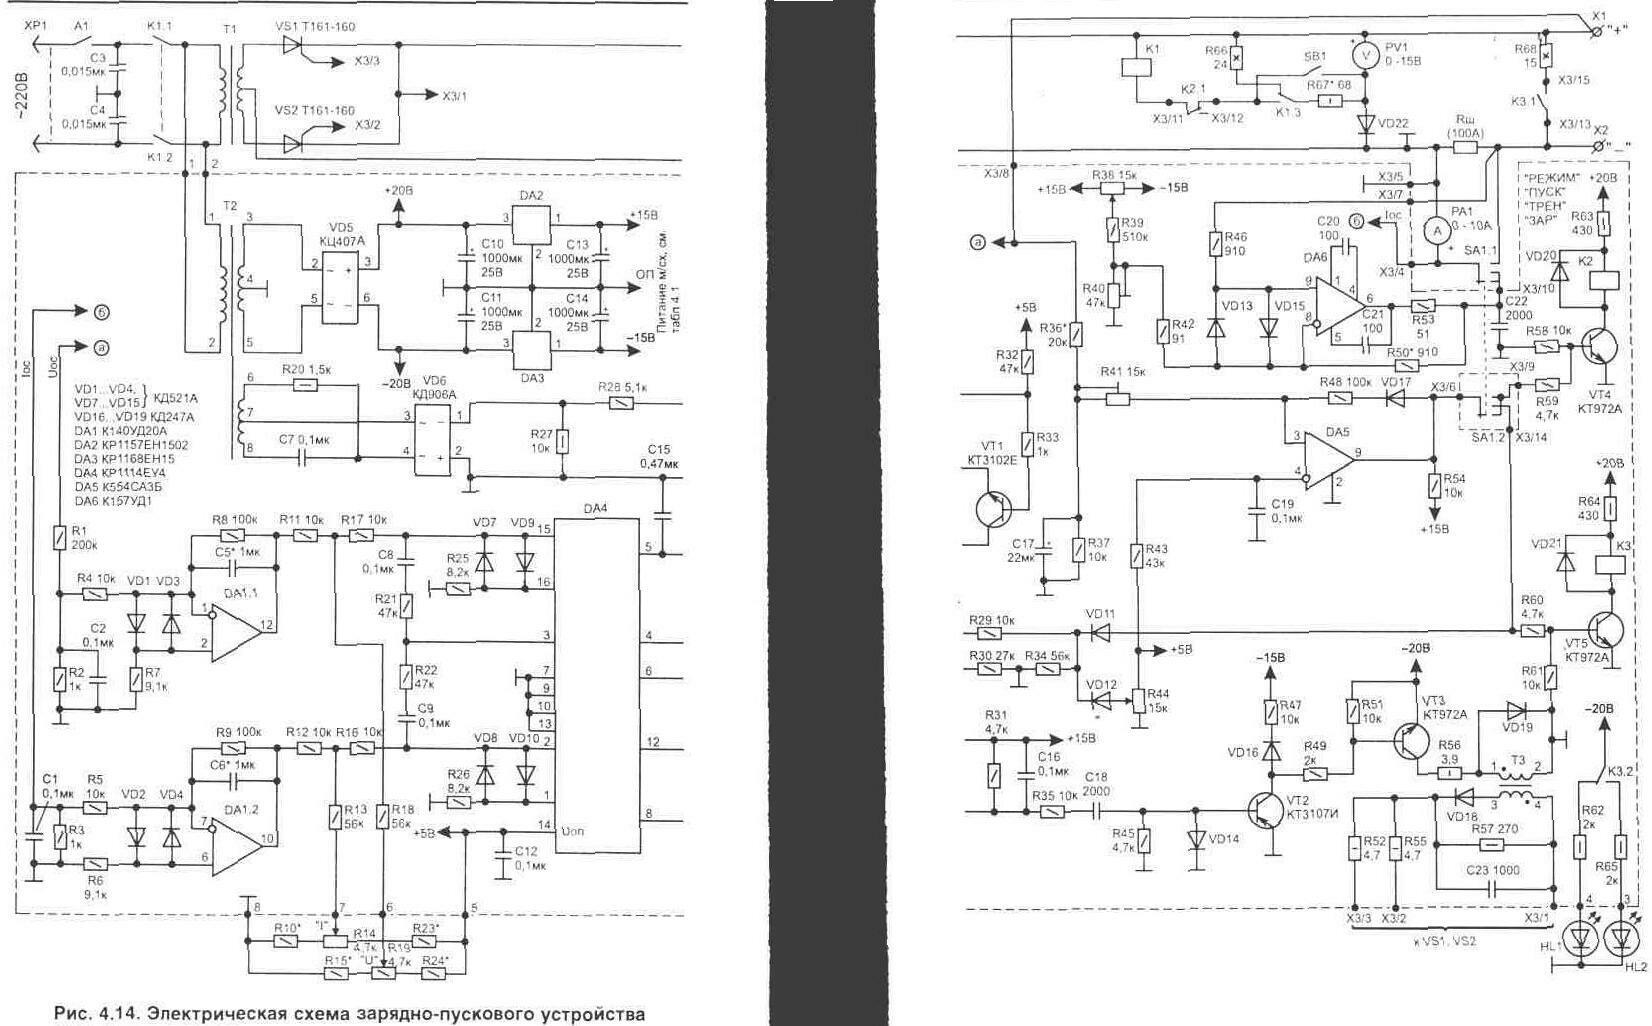 схема зарядного устройства для удаления сульфатации